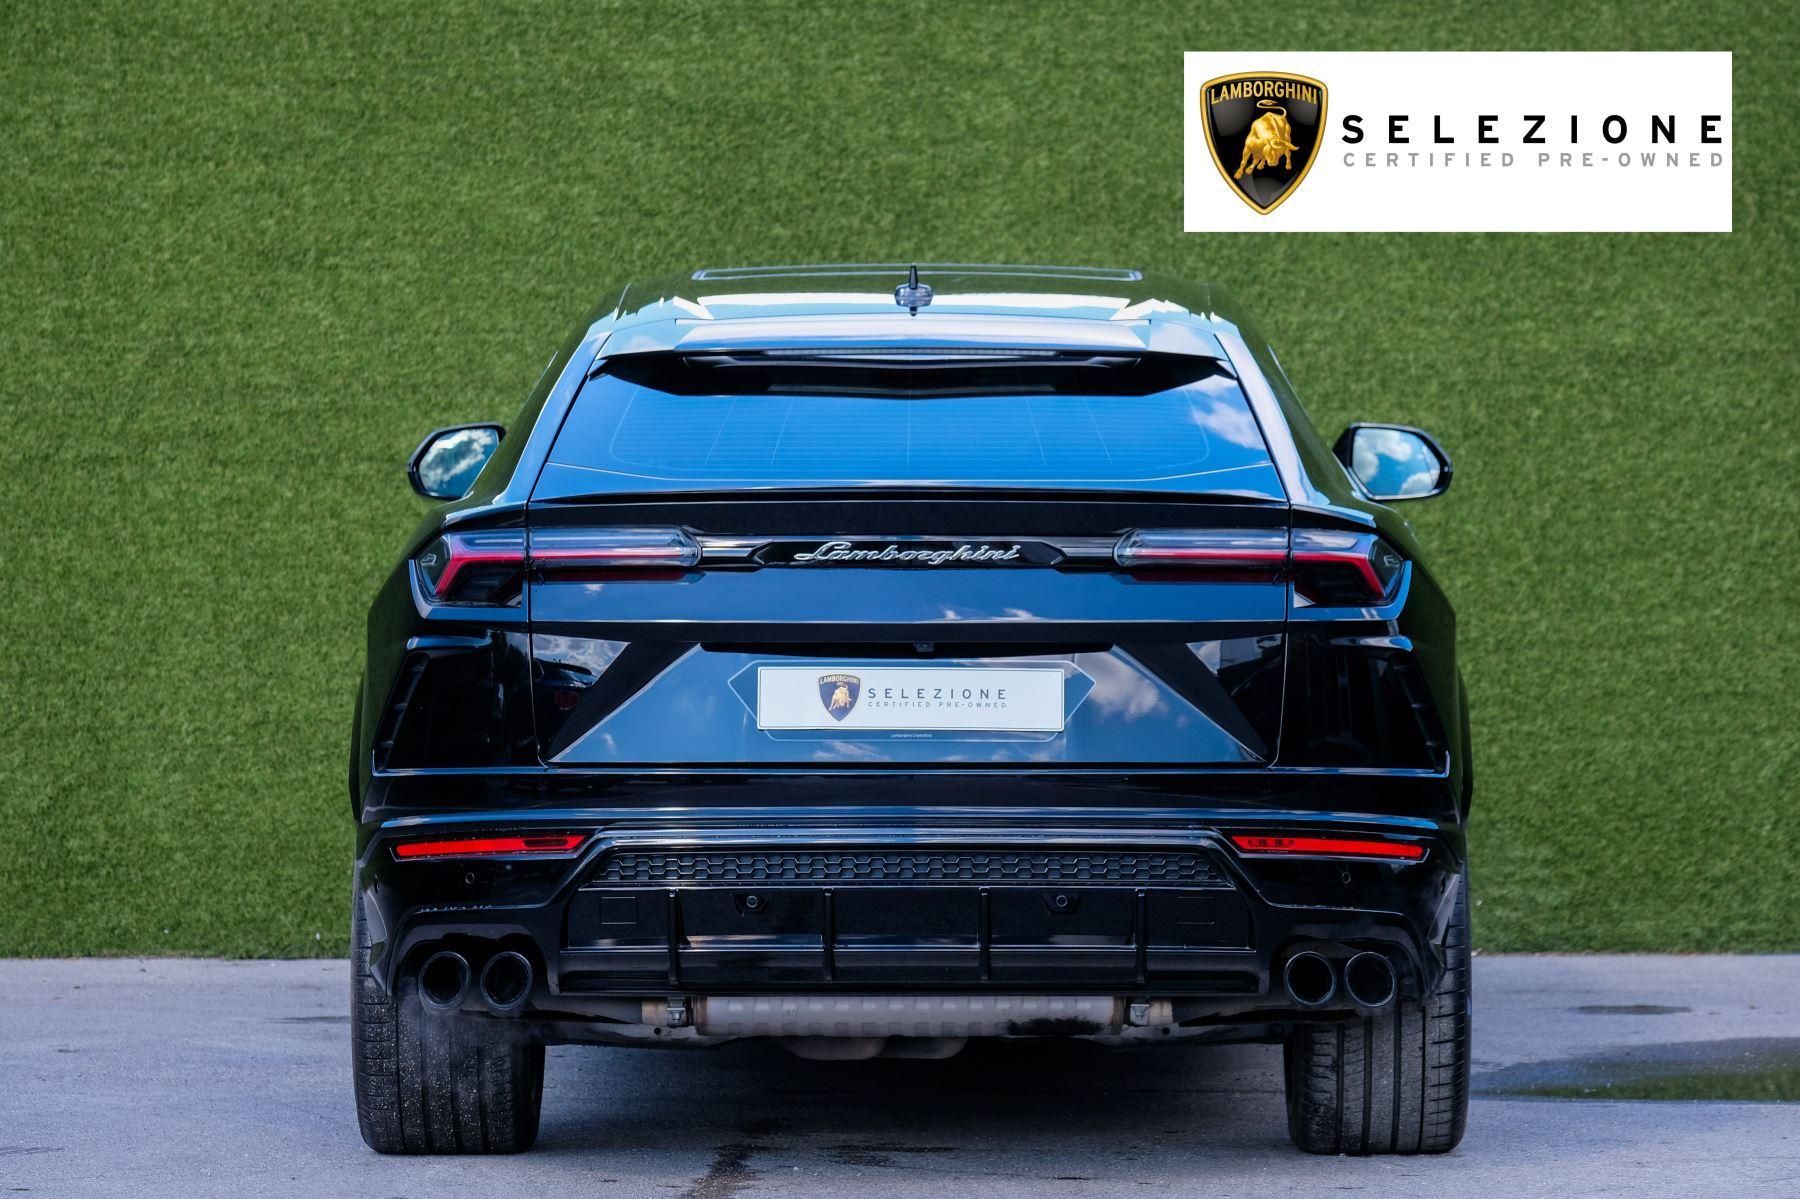 Lamborghini Urus 4.0T FSI V8 AUTO- 4 SEAT CONFIGURATION - NIGHT VISION - 23 INCH ALLOYS image 4